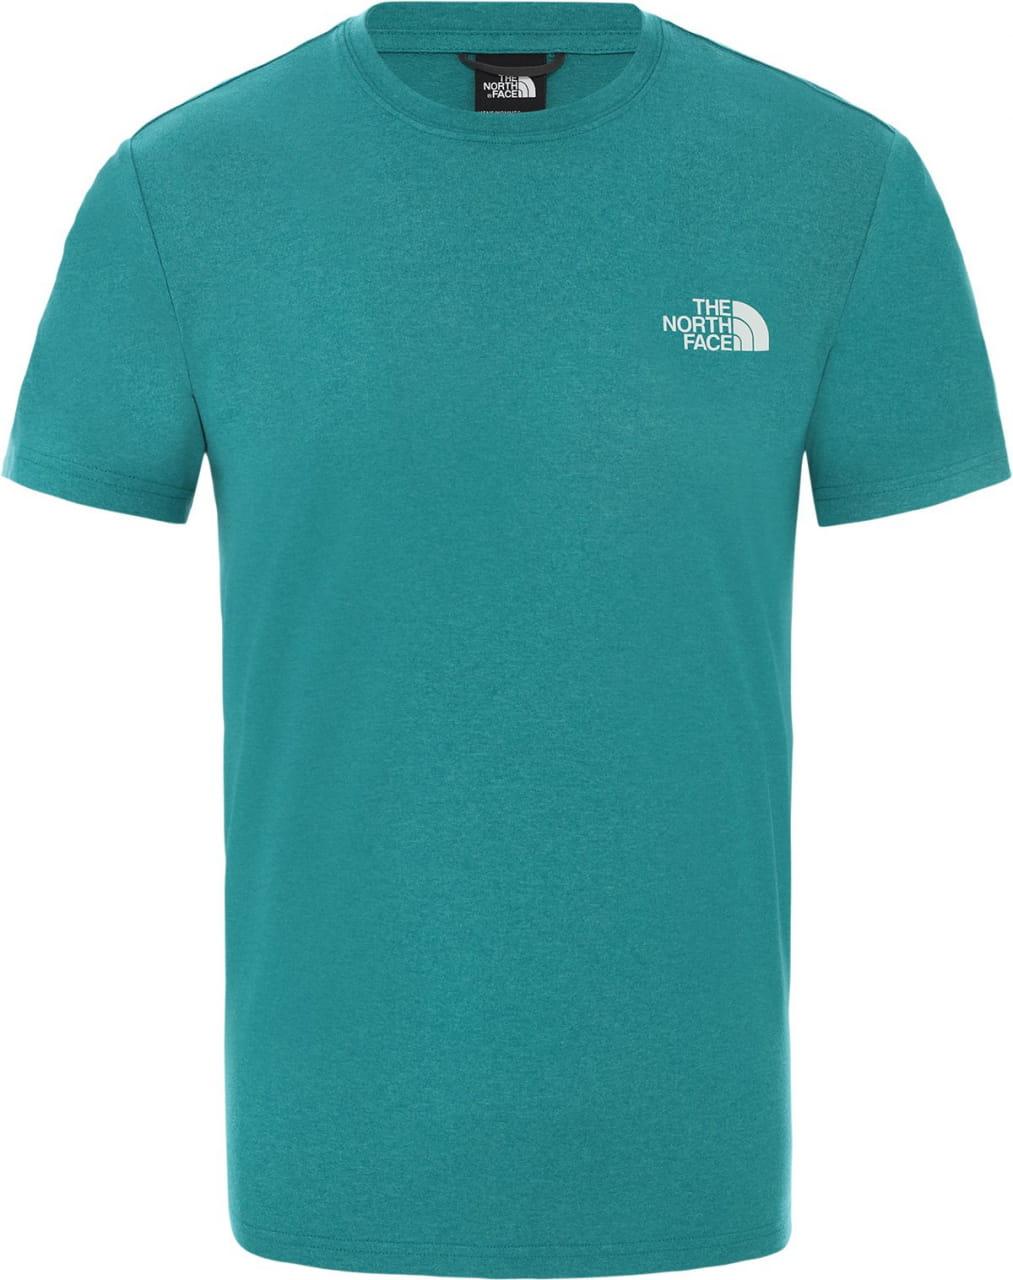 Pánské tričko The North Face Men's Reaxion Red Box T-Shirt